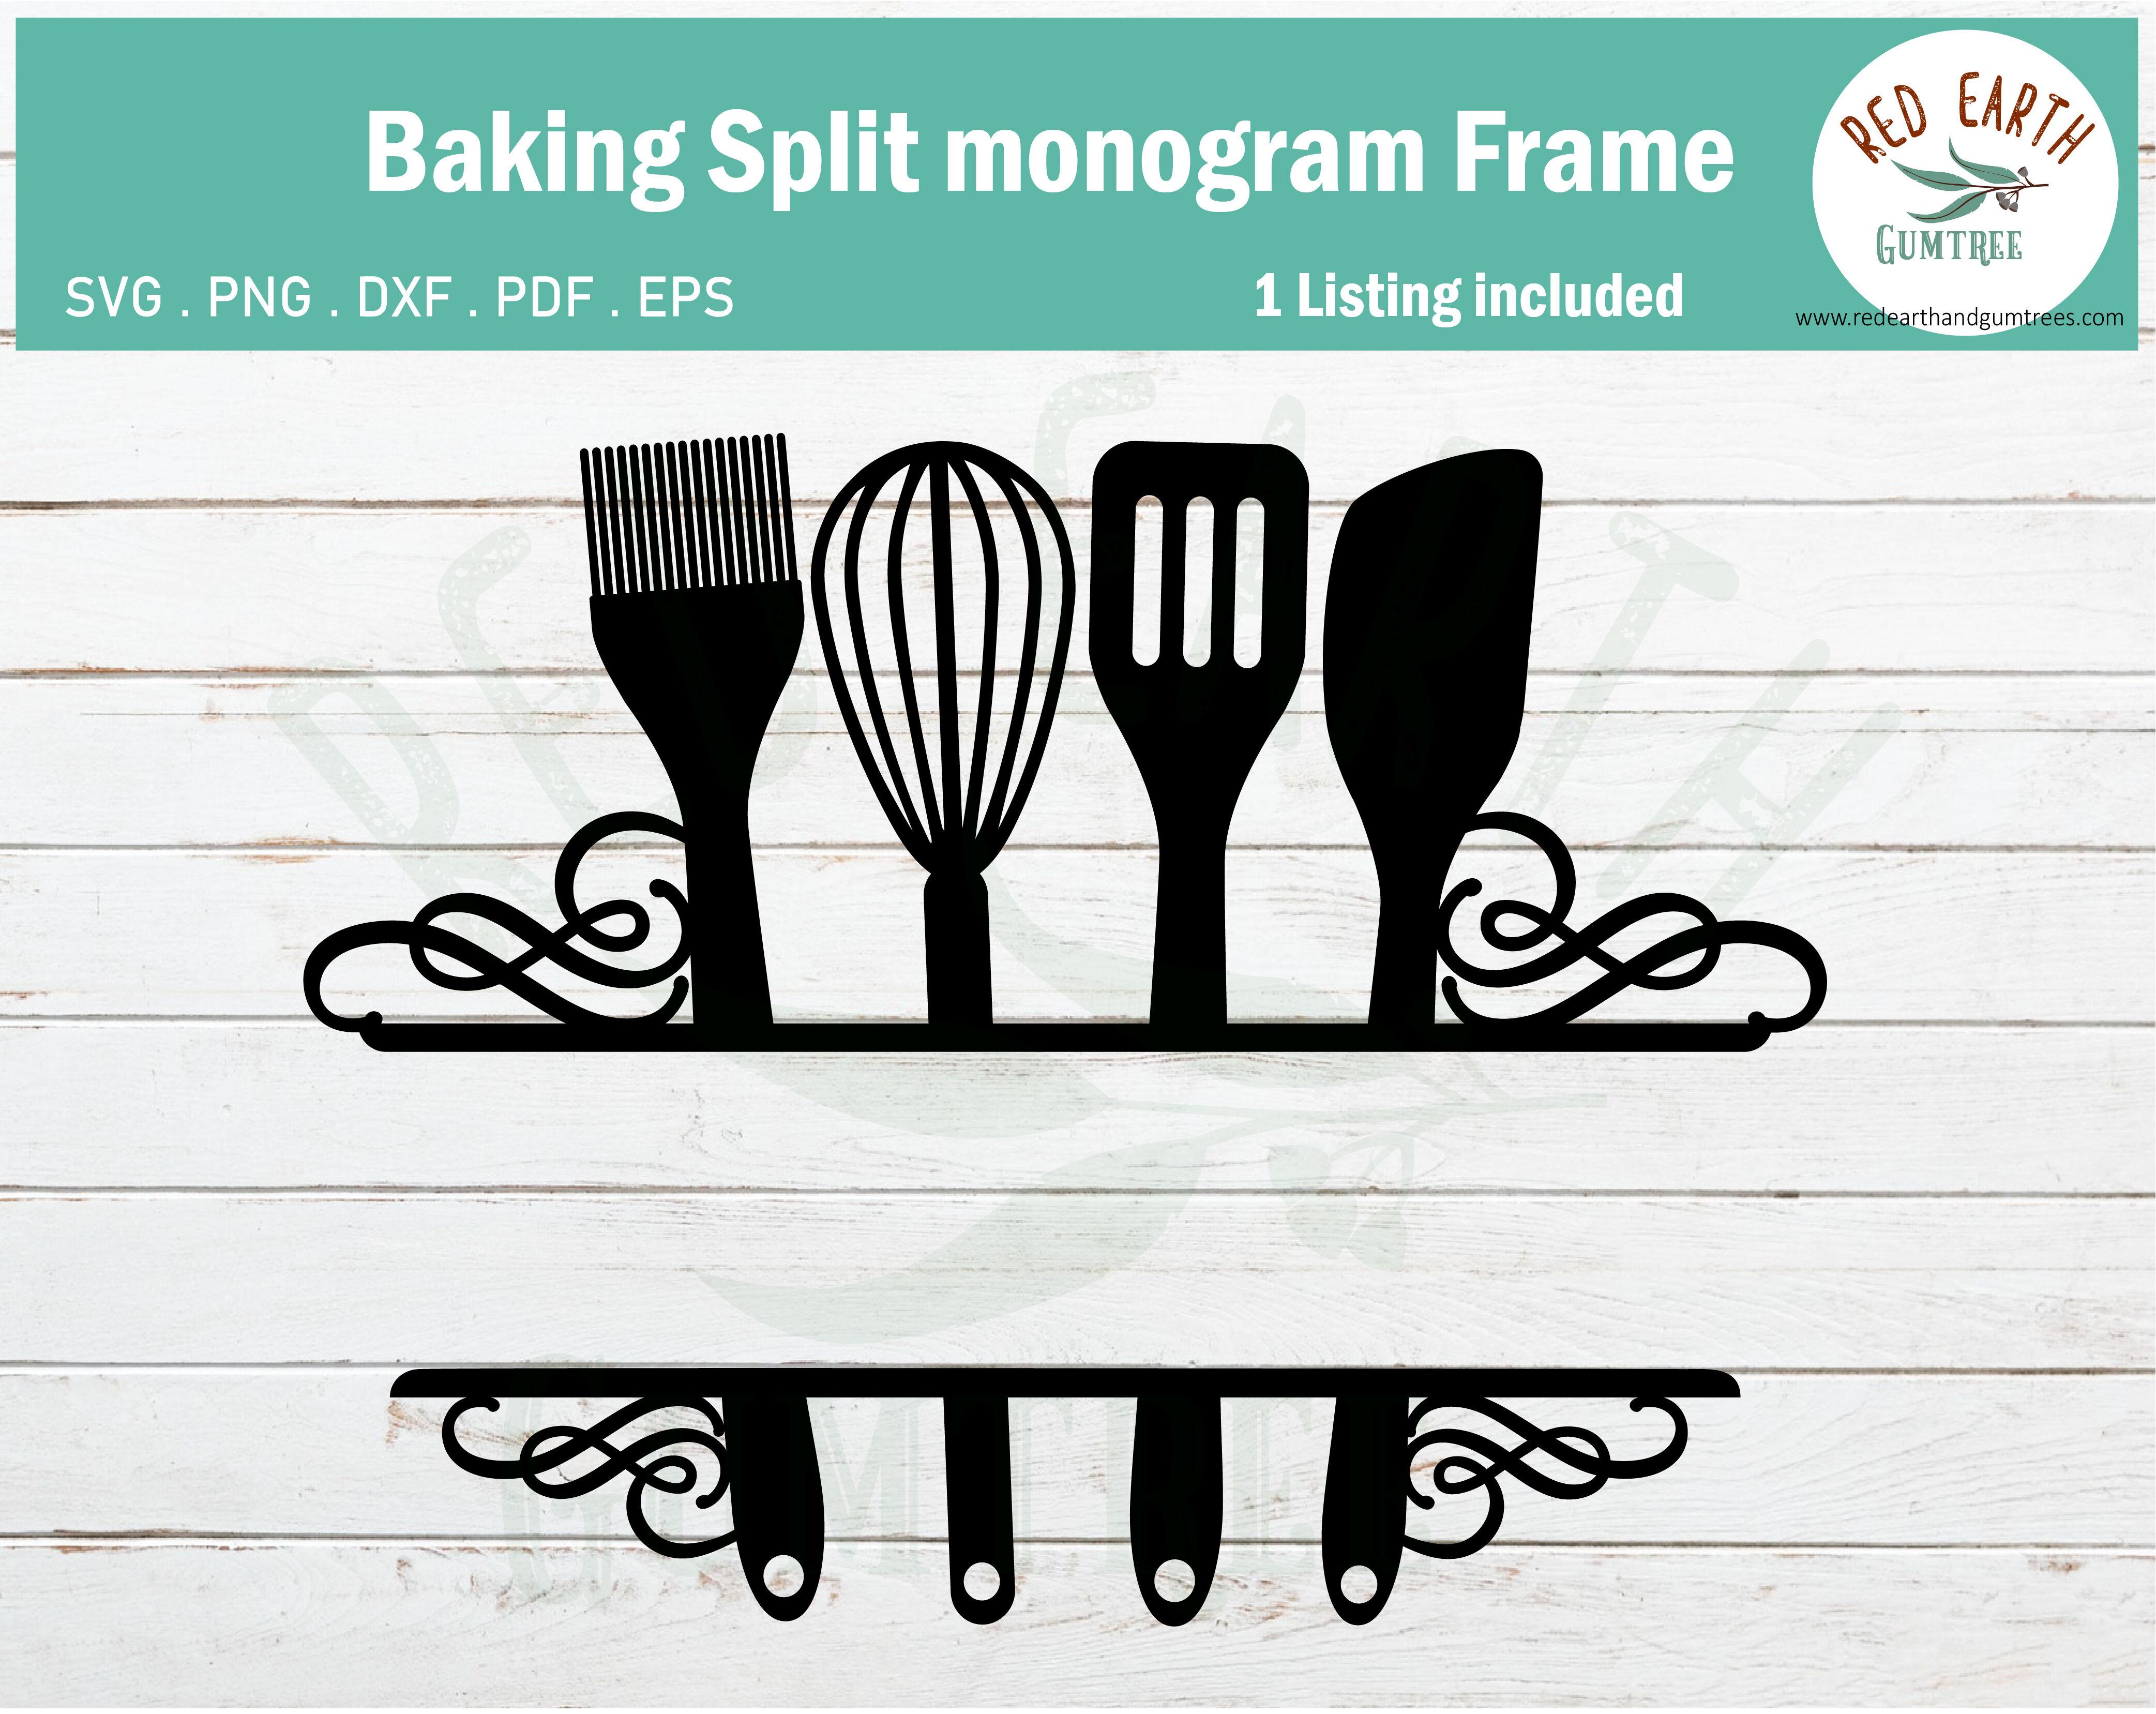 Swirly Baking Kitchen Split Monogram Frame Svg Eps Pdf Dxf Png By